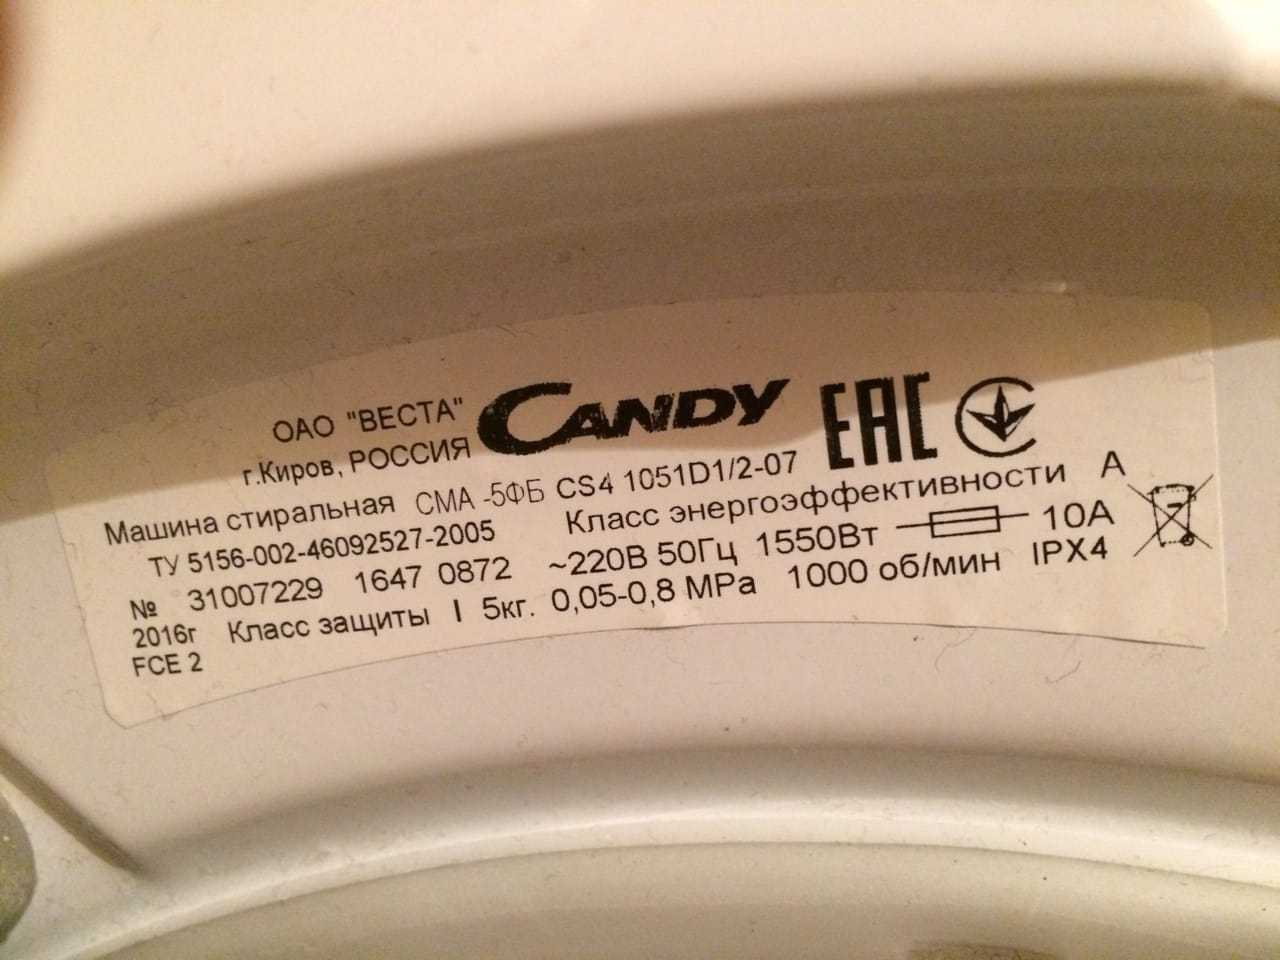 СМА Candy CS4 1051D1/2-07  31007229 Smart tach нужны софты мк ст и пик.